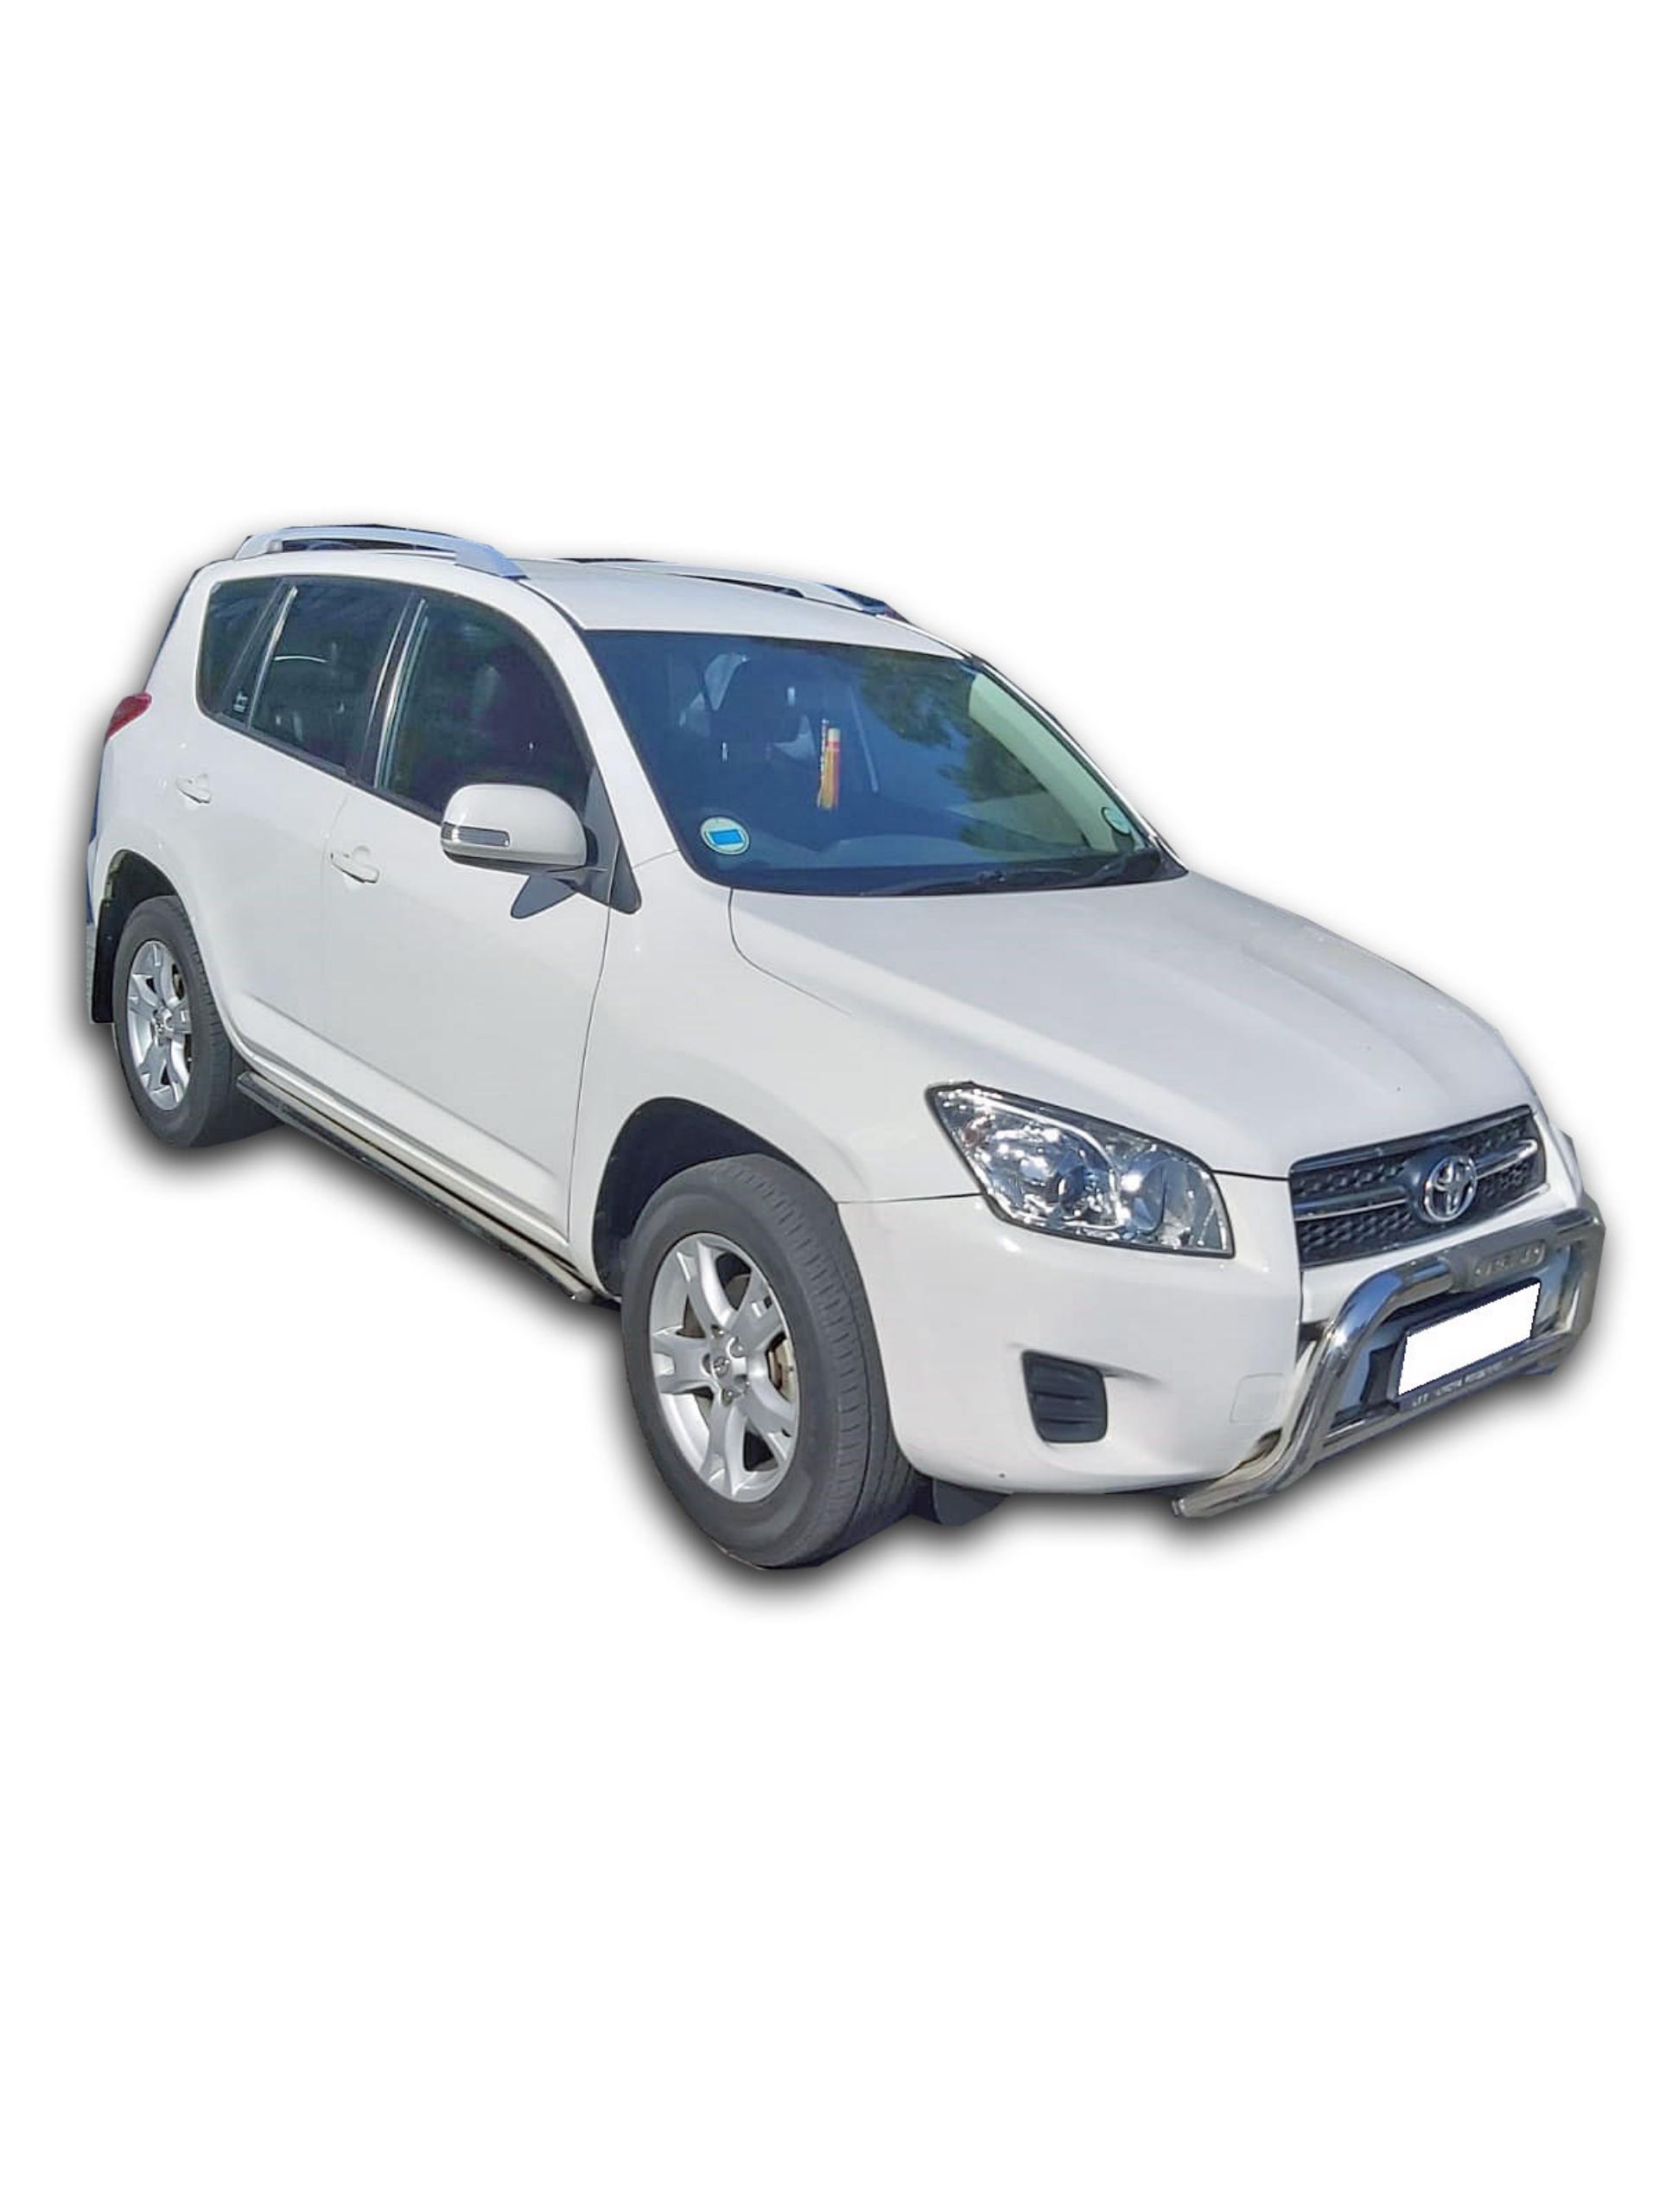 Toyota Rav 4 2.0 GX